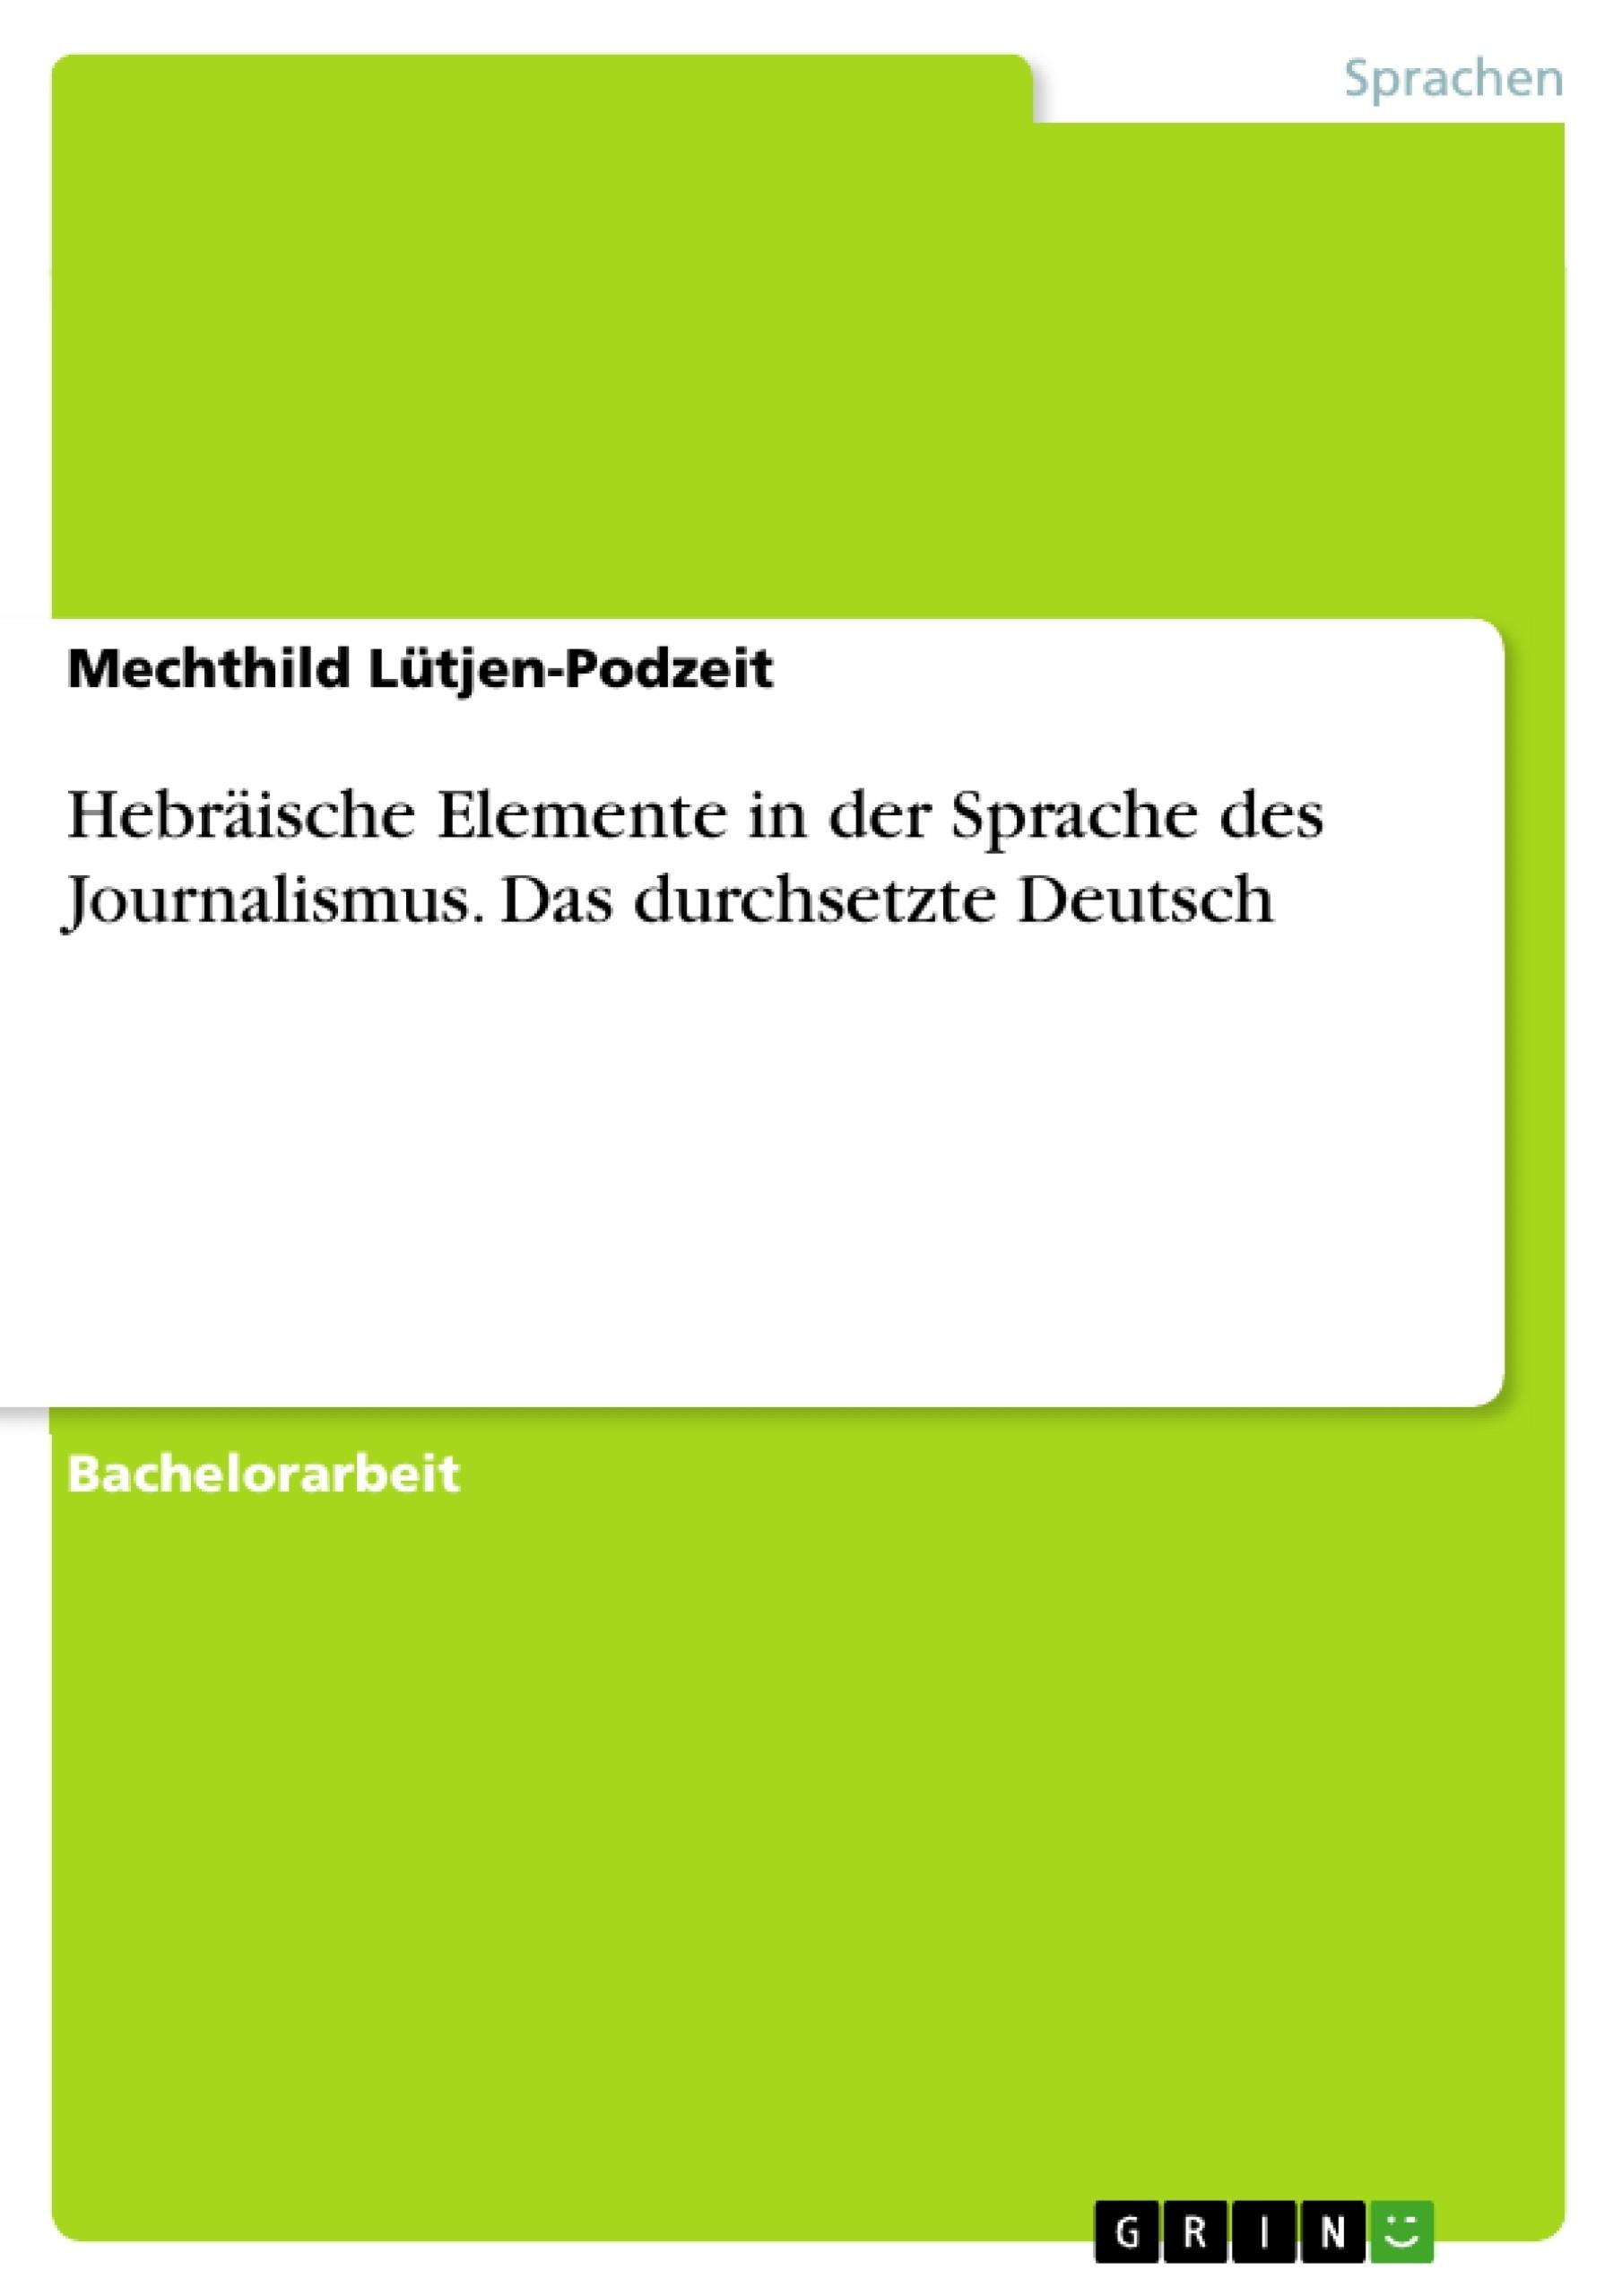 Titel: Hebräische Elemente in der Sprache des Journalismus. Das durchsetzte Deutsch